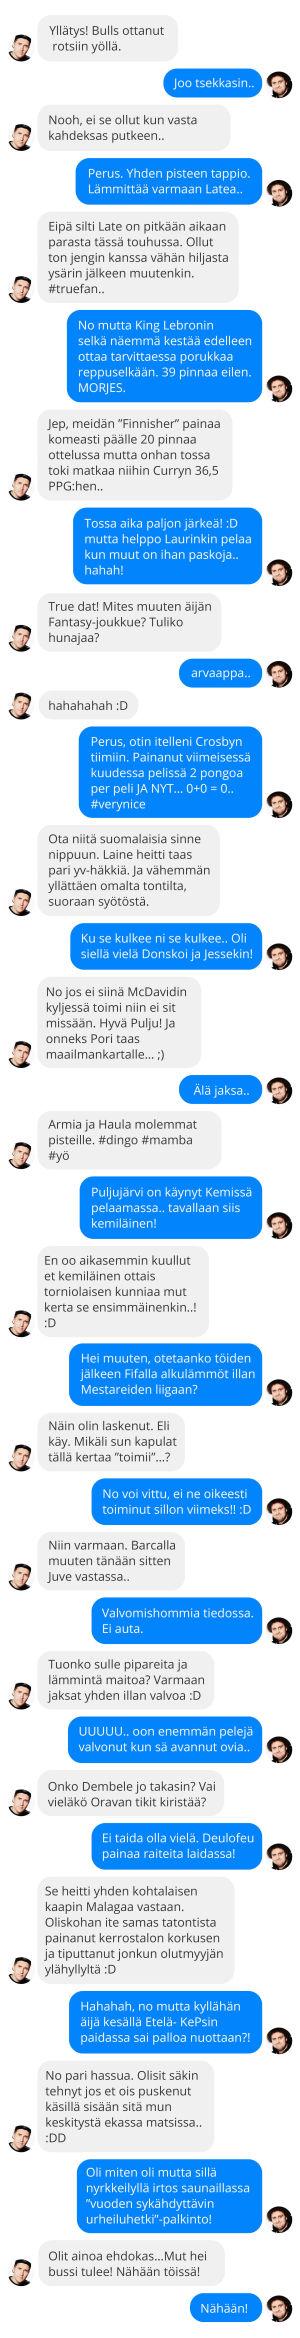 chat keskustelu